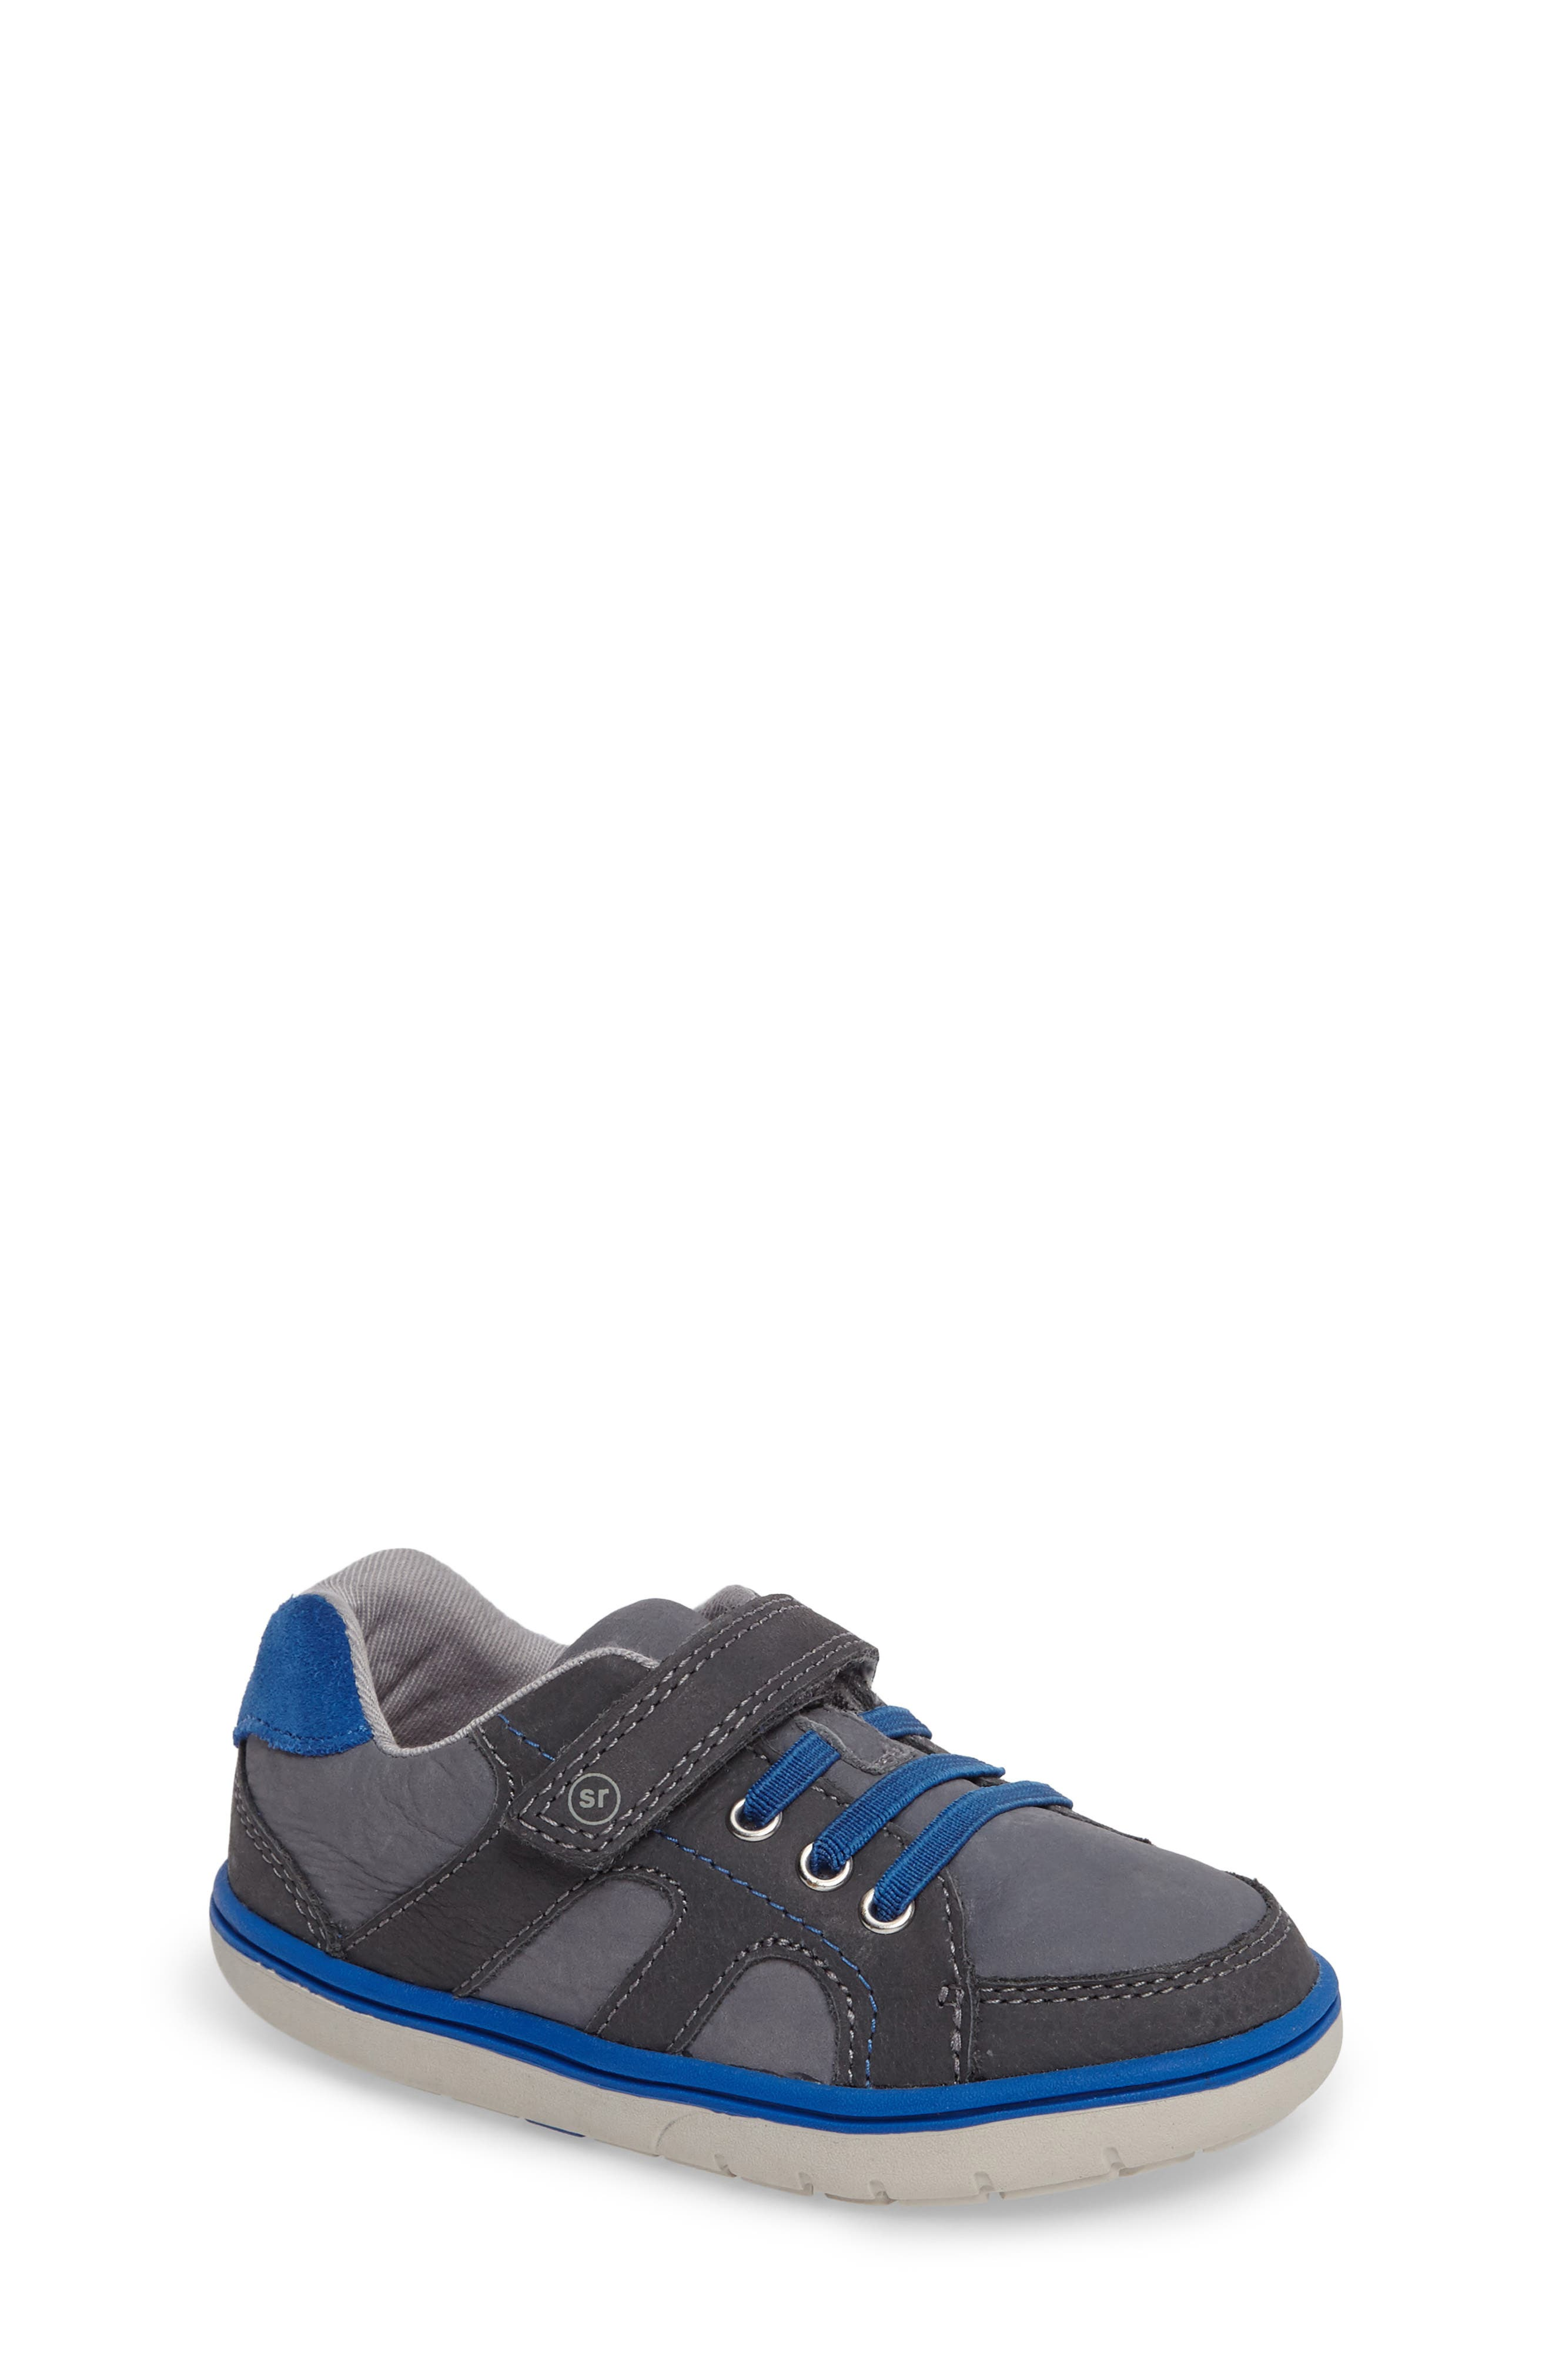 Main Image - Stride Rite SRT Noe Sneaker (Baby, Walker, Toddler & Little Kid)